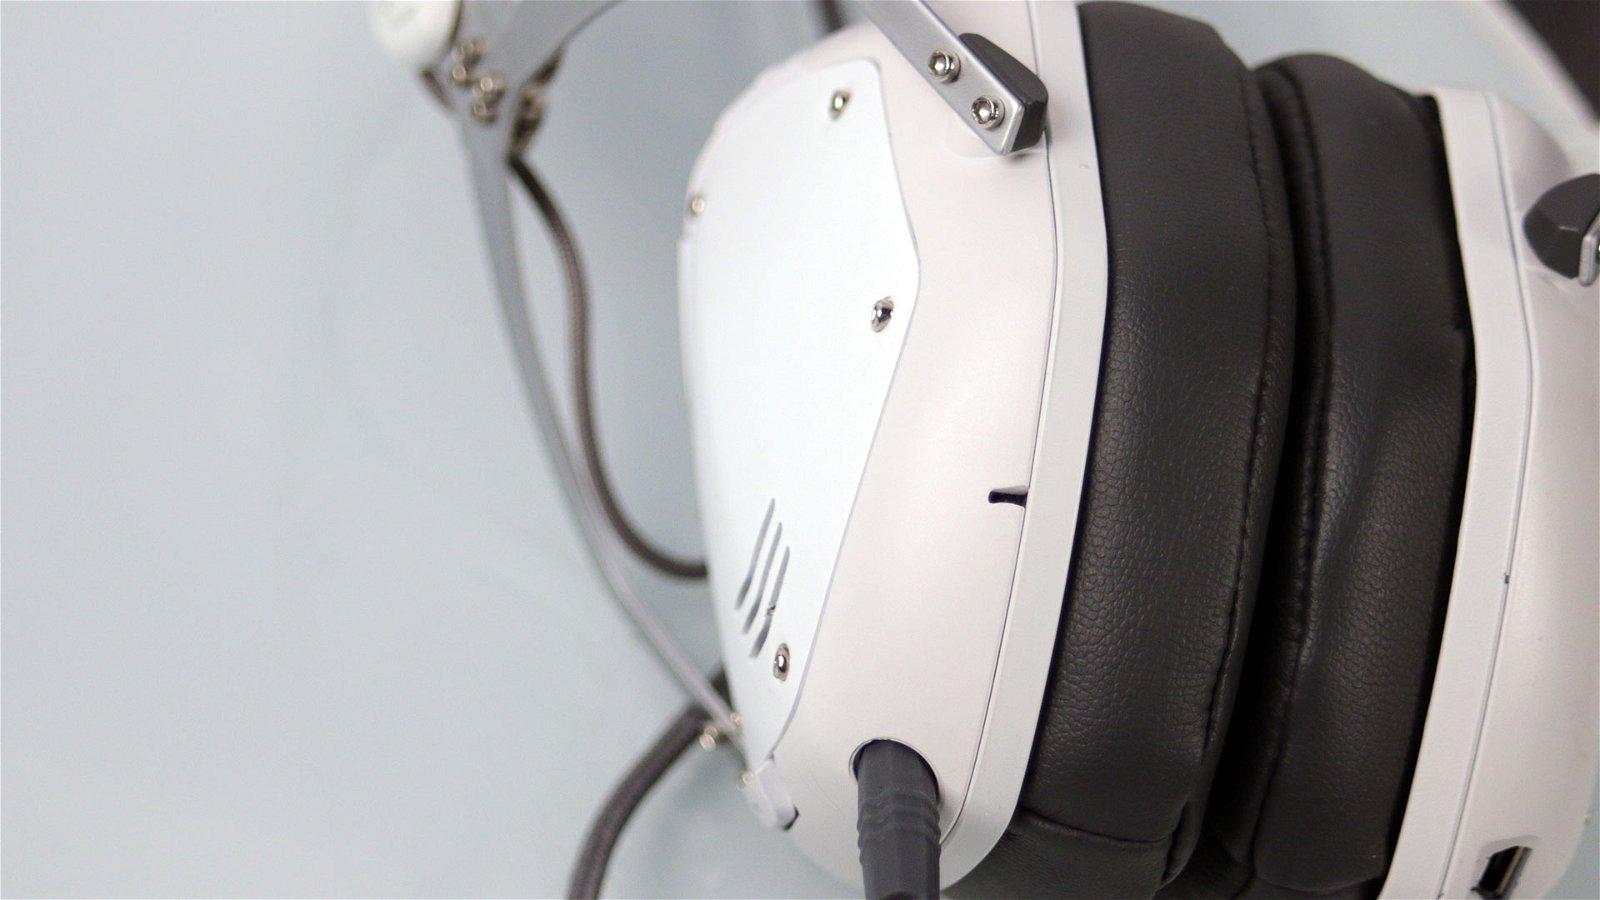 V-Moda Crossfade 2 Headphones Review 2